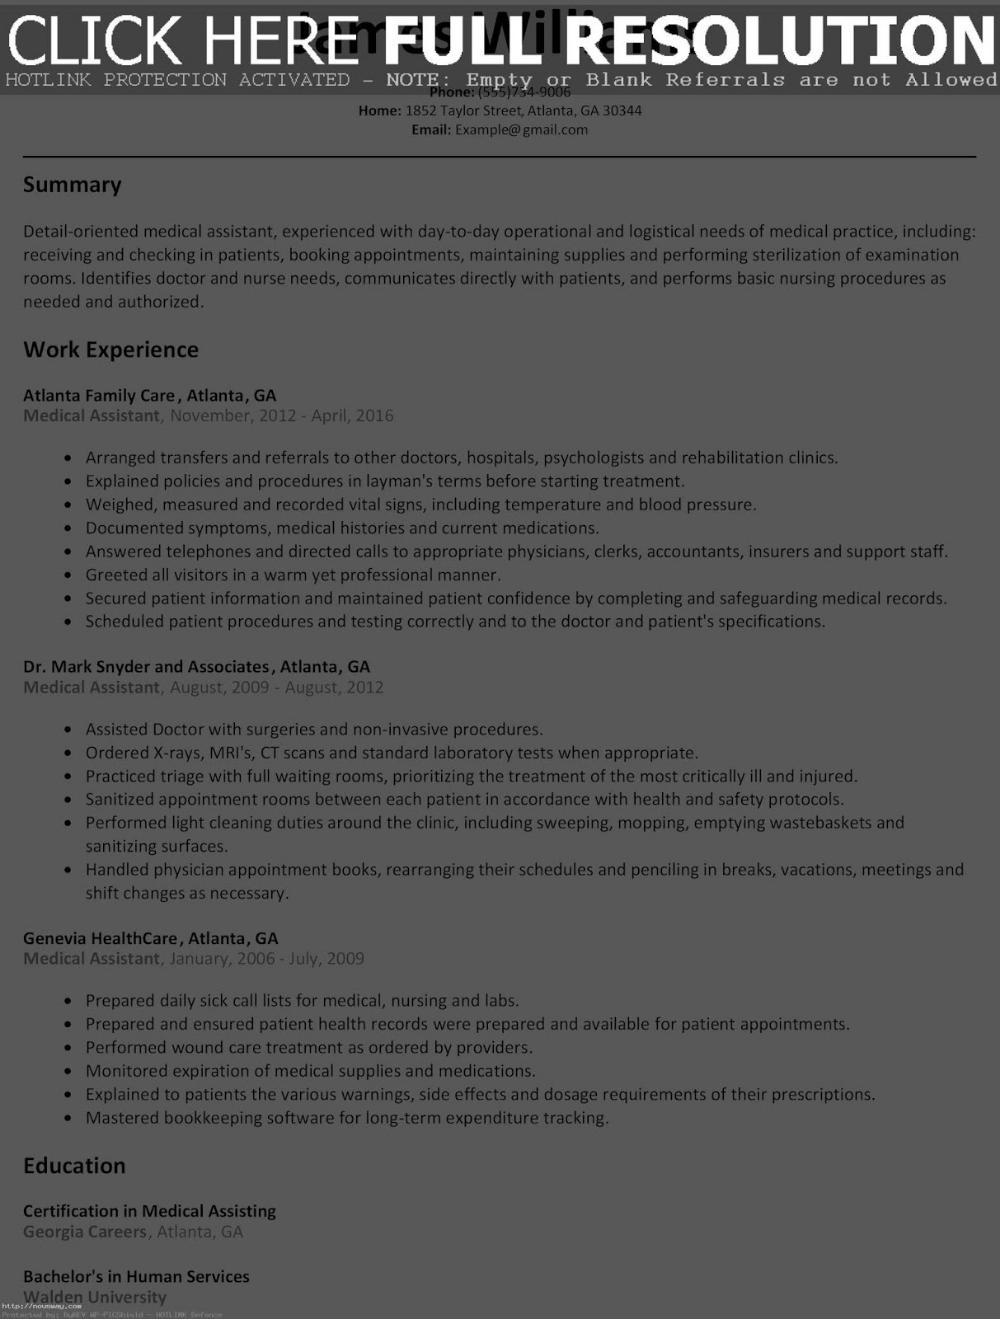 Academic resume sample, academic resume sample pdf, Academic